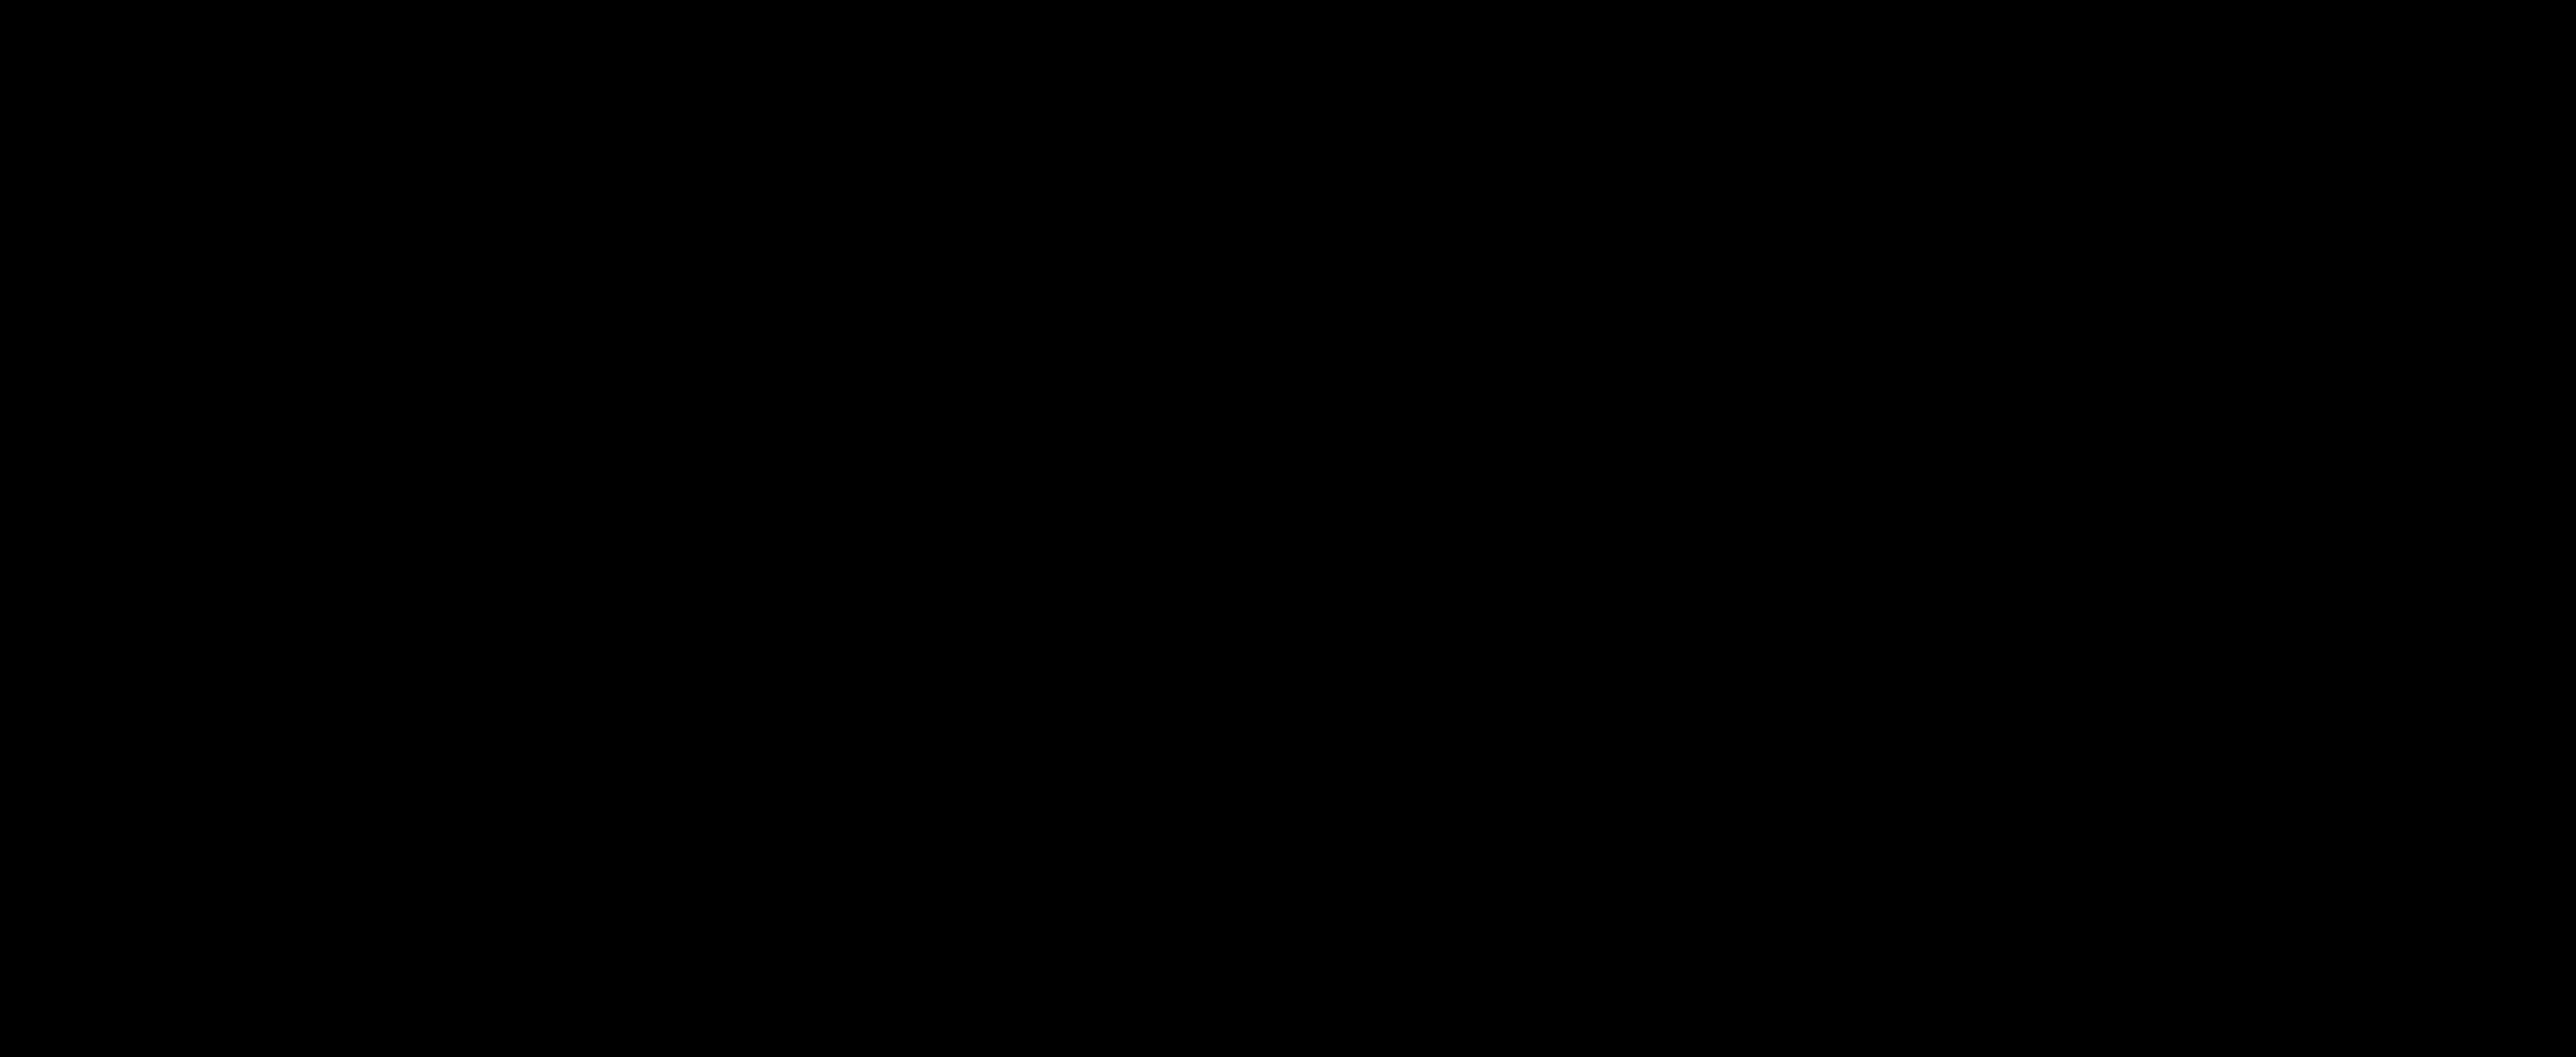 تخصص إدارة الأعمال Business Administration دليل التخصصات